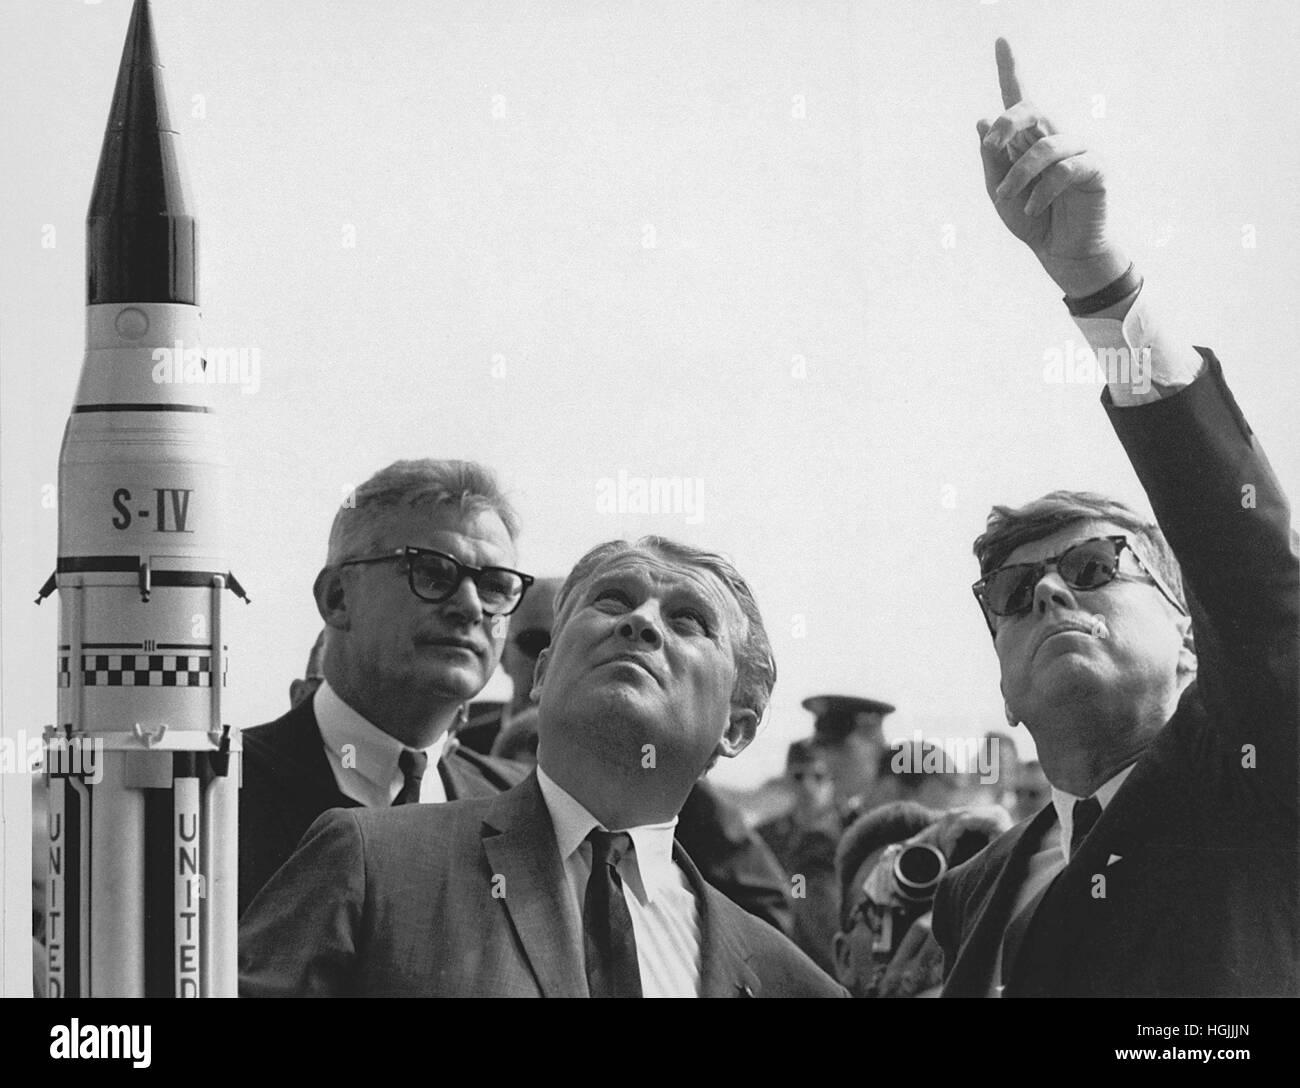 Direktor des Marshall Space Flight Center (MSFC), Arzt Wernher von Braun erklärt die Saturn Launch System von US-Präsident John F. Kennedy in Cape Canaveral, Florida am 16. November 1963. National Aeronautics and Space Administration (NASA) stellvertretender Administrator Robert Seamans ist auf der linken Seite des von Braun.Credit: NASA mittels CNP - NO-Draht-SERVICE - Foto: Nasa/Consolidated News Fotos/NASA über CNP Stockfoto